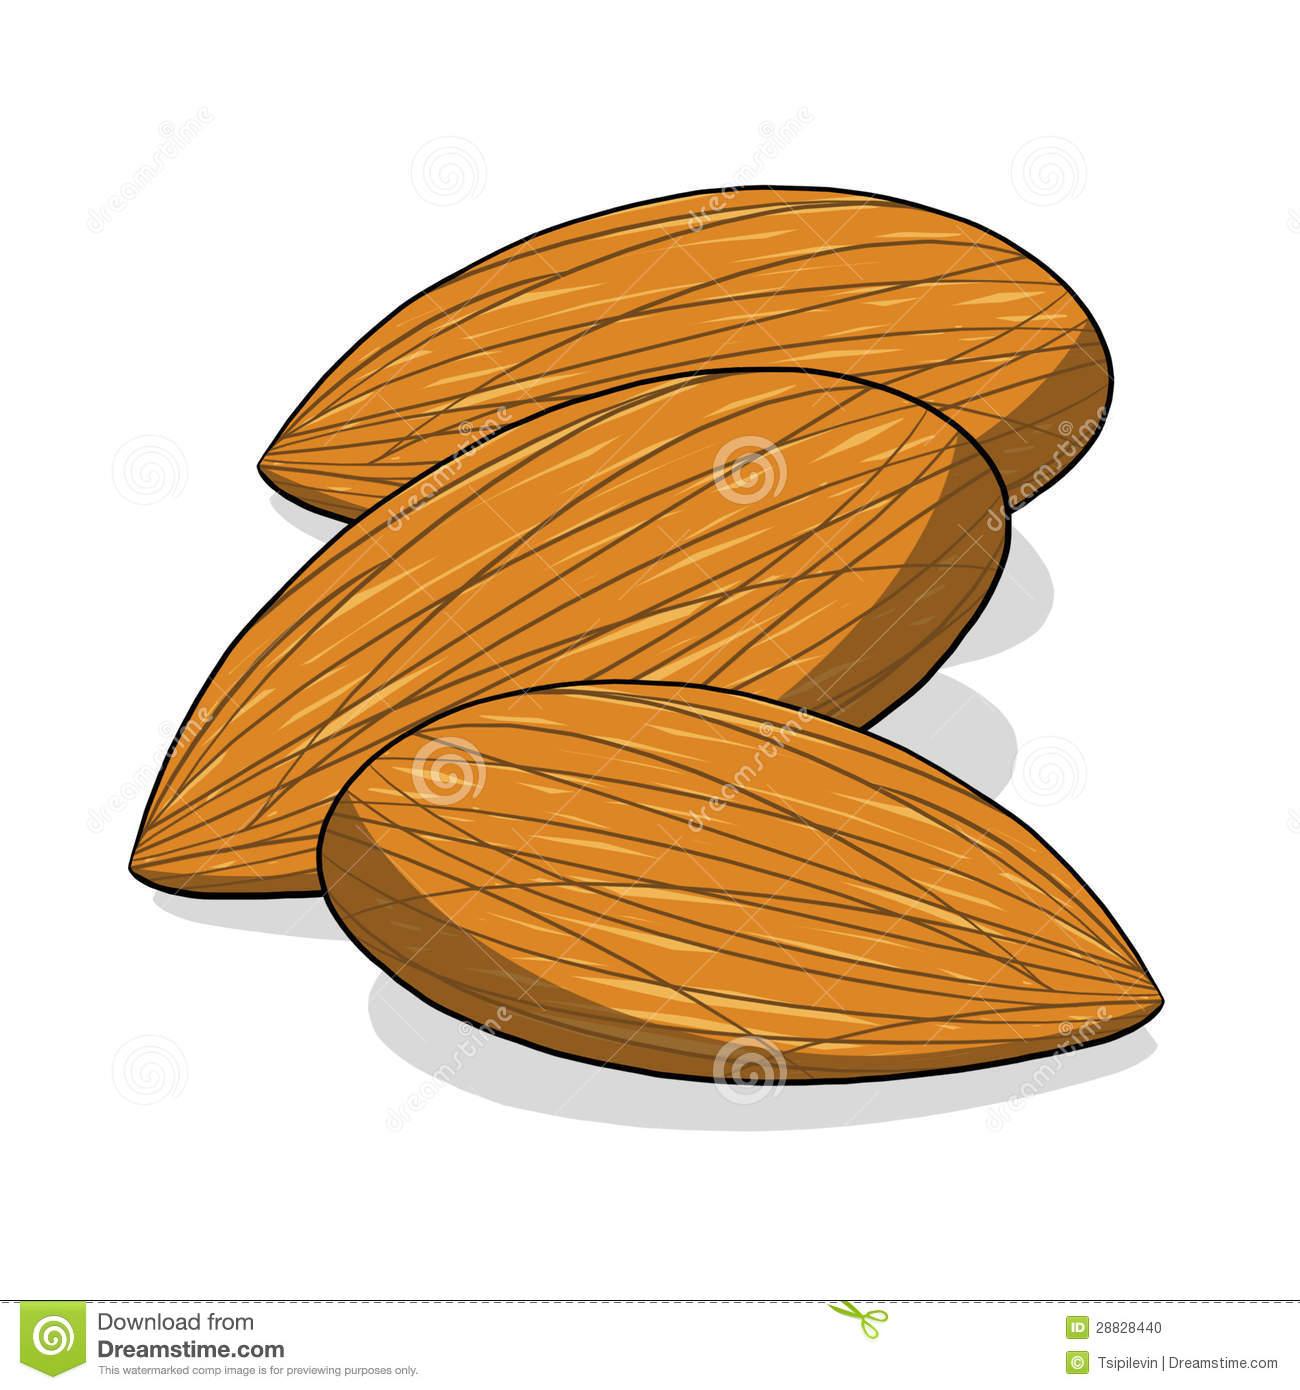 tree nut clip art - photo #13